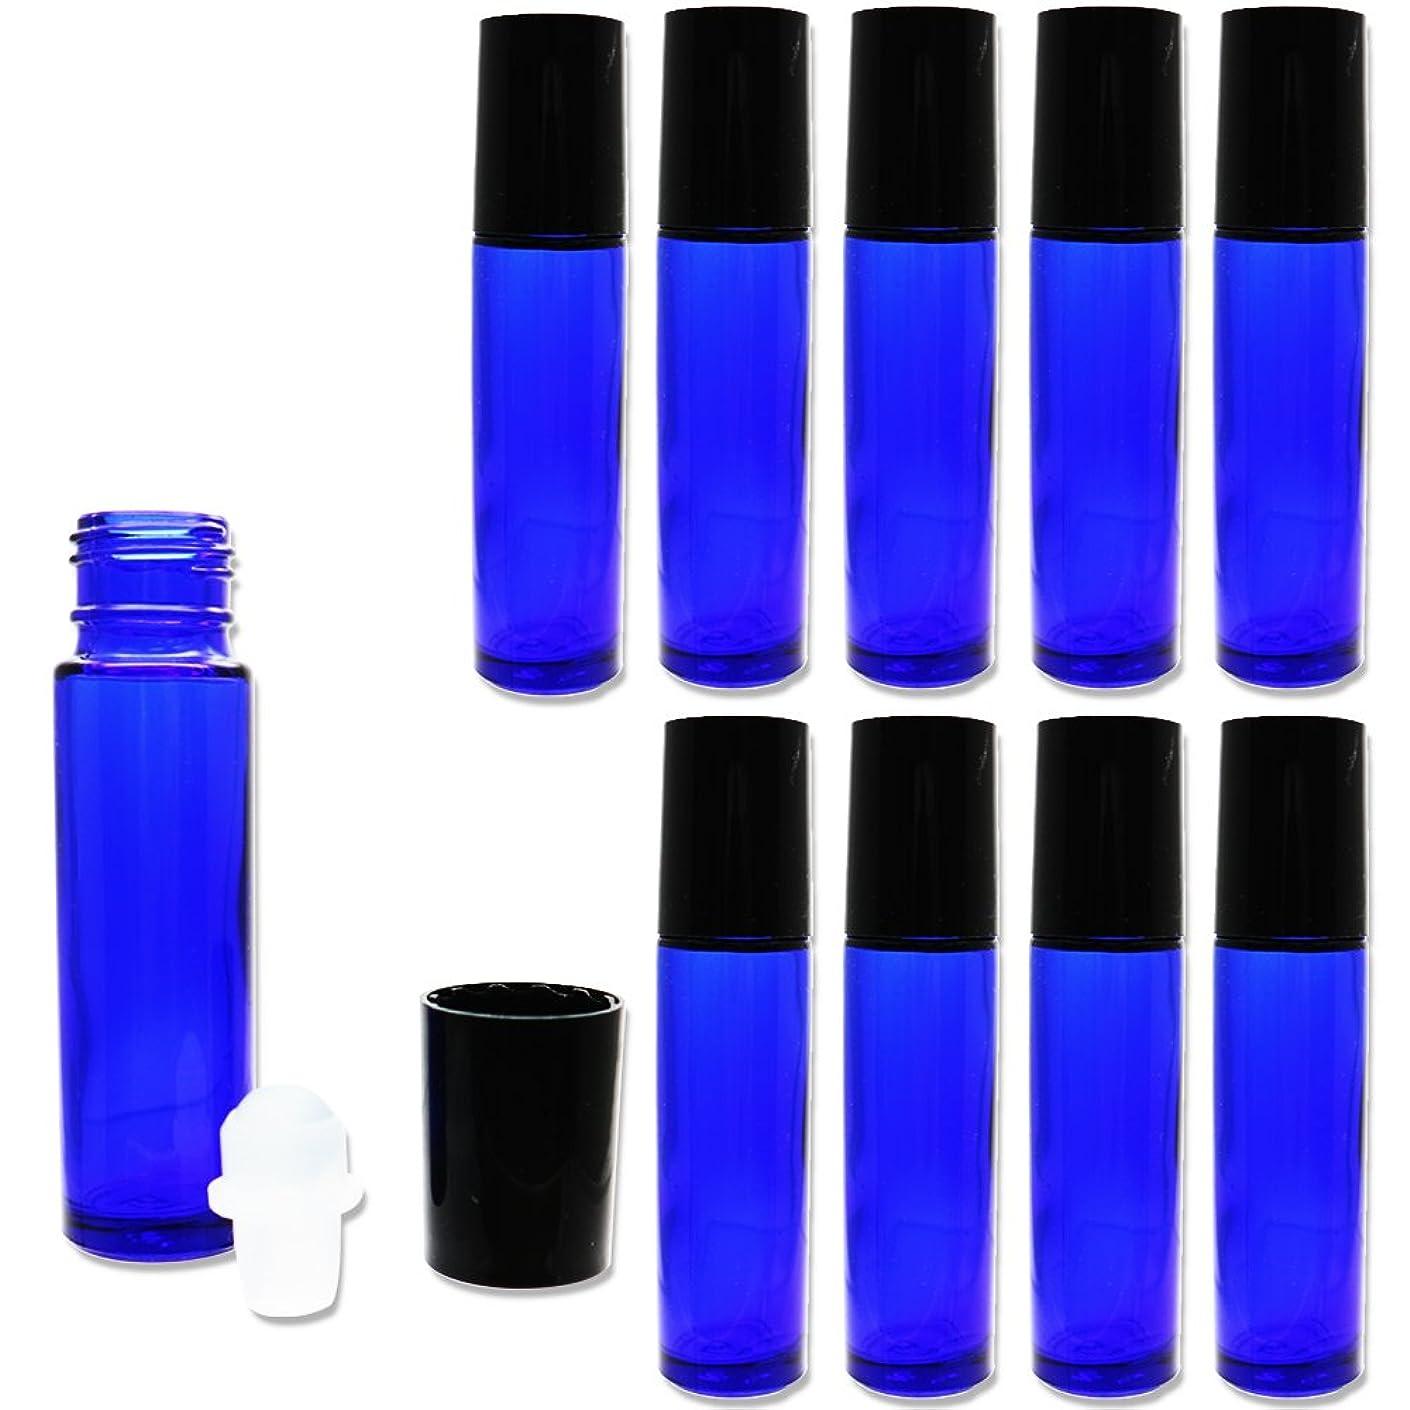 みなさん建築爆発物Solid Value ロールオンボトル アロマオイル ガラスロール 詰め替え 遮光瓶 (10ml 10本セット)